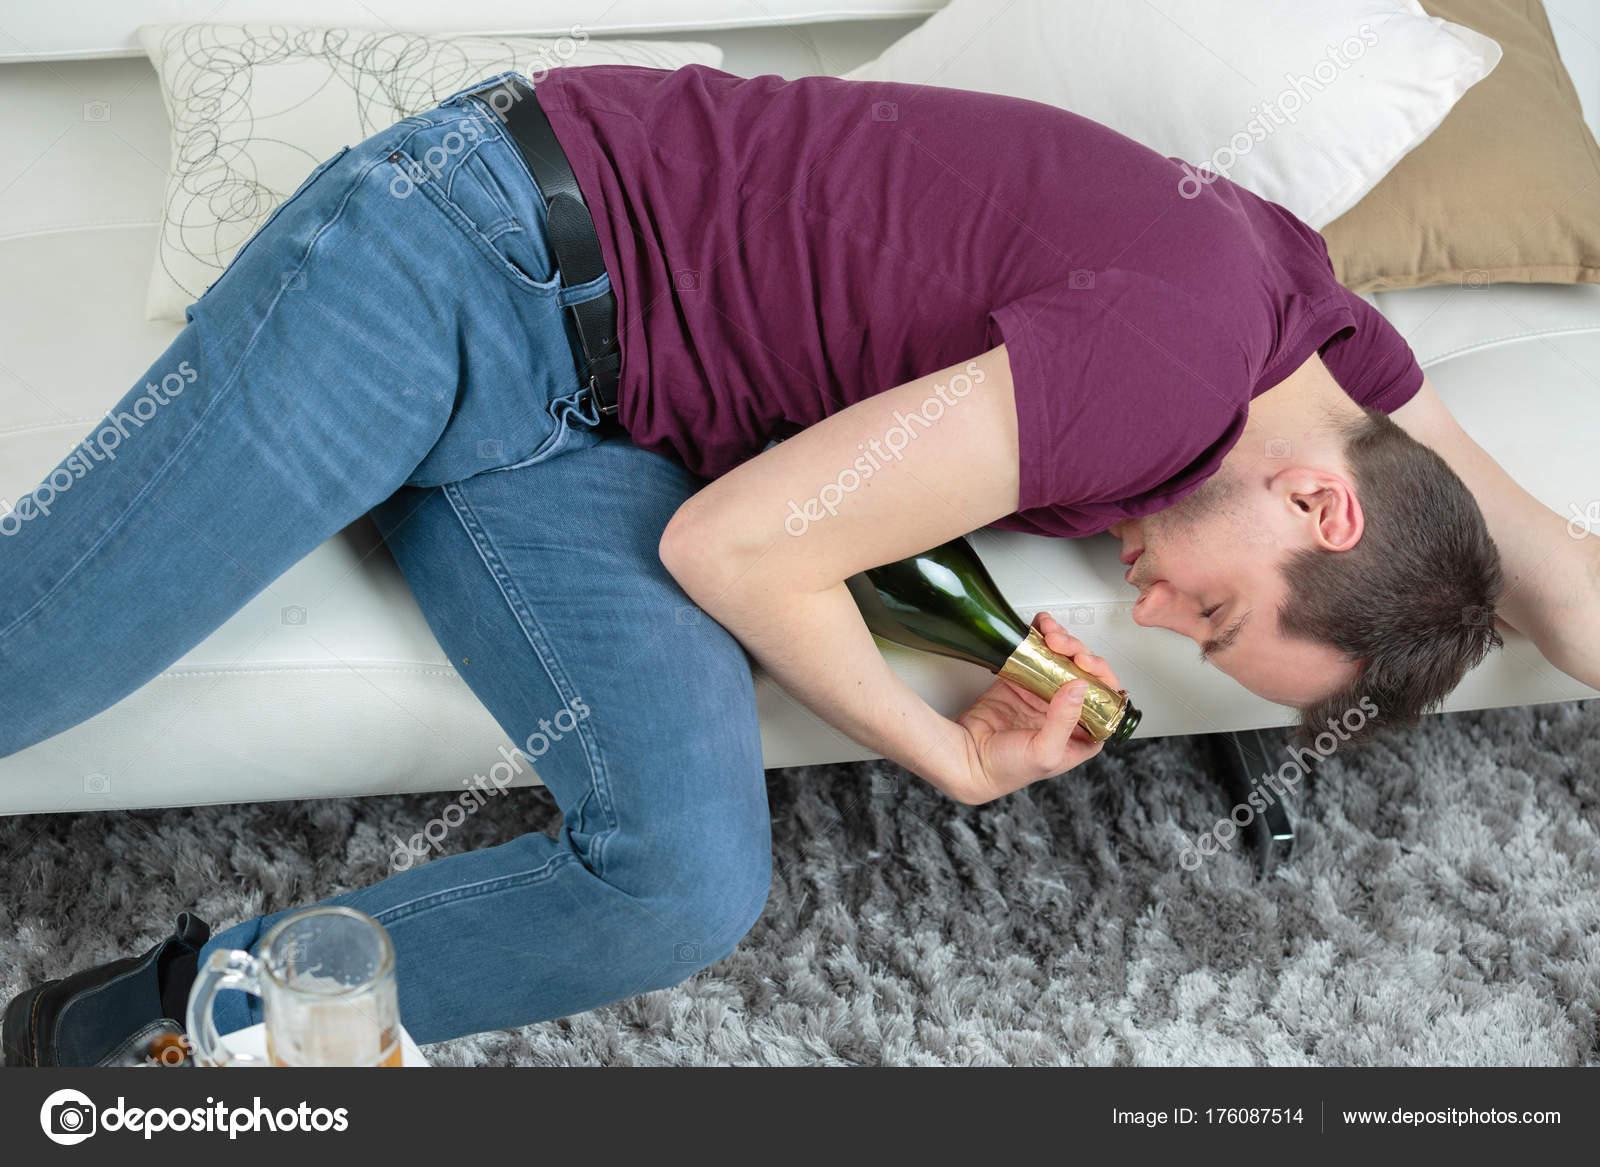 Трахнули пьяную продавщицу, Трахает продавщицу пока она продает лимонад порно 5 фотография